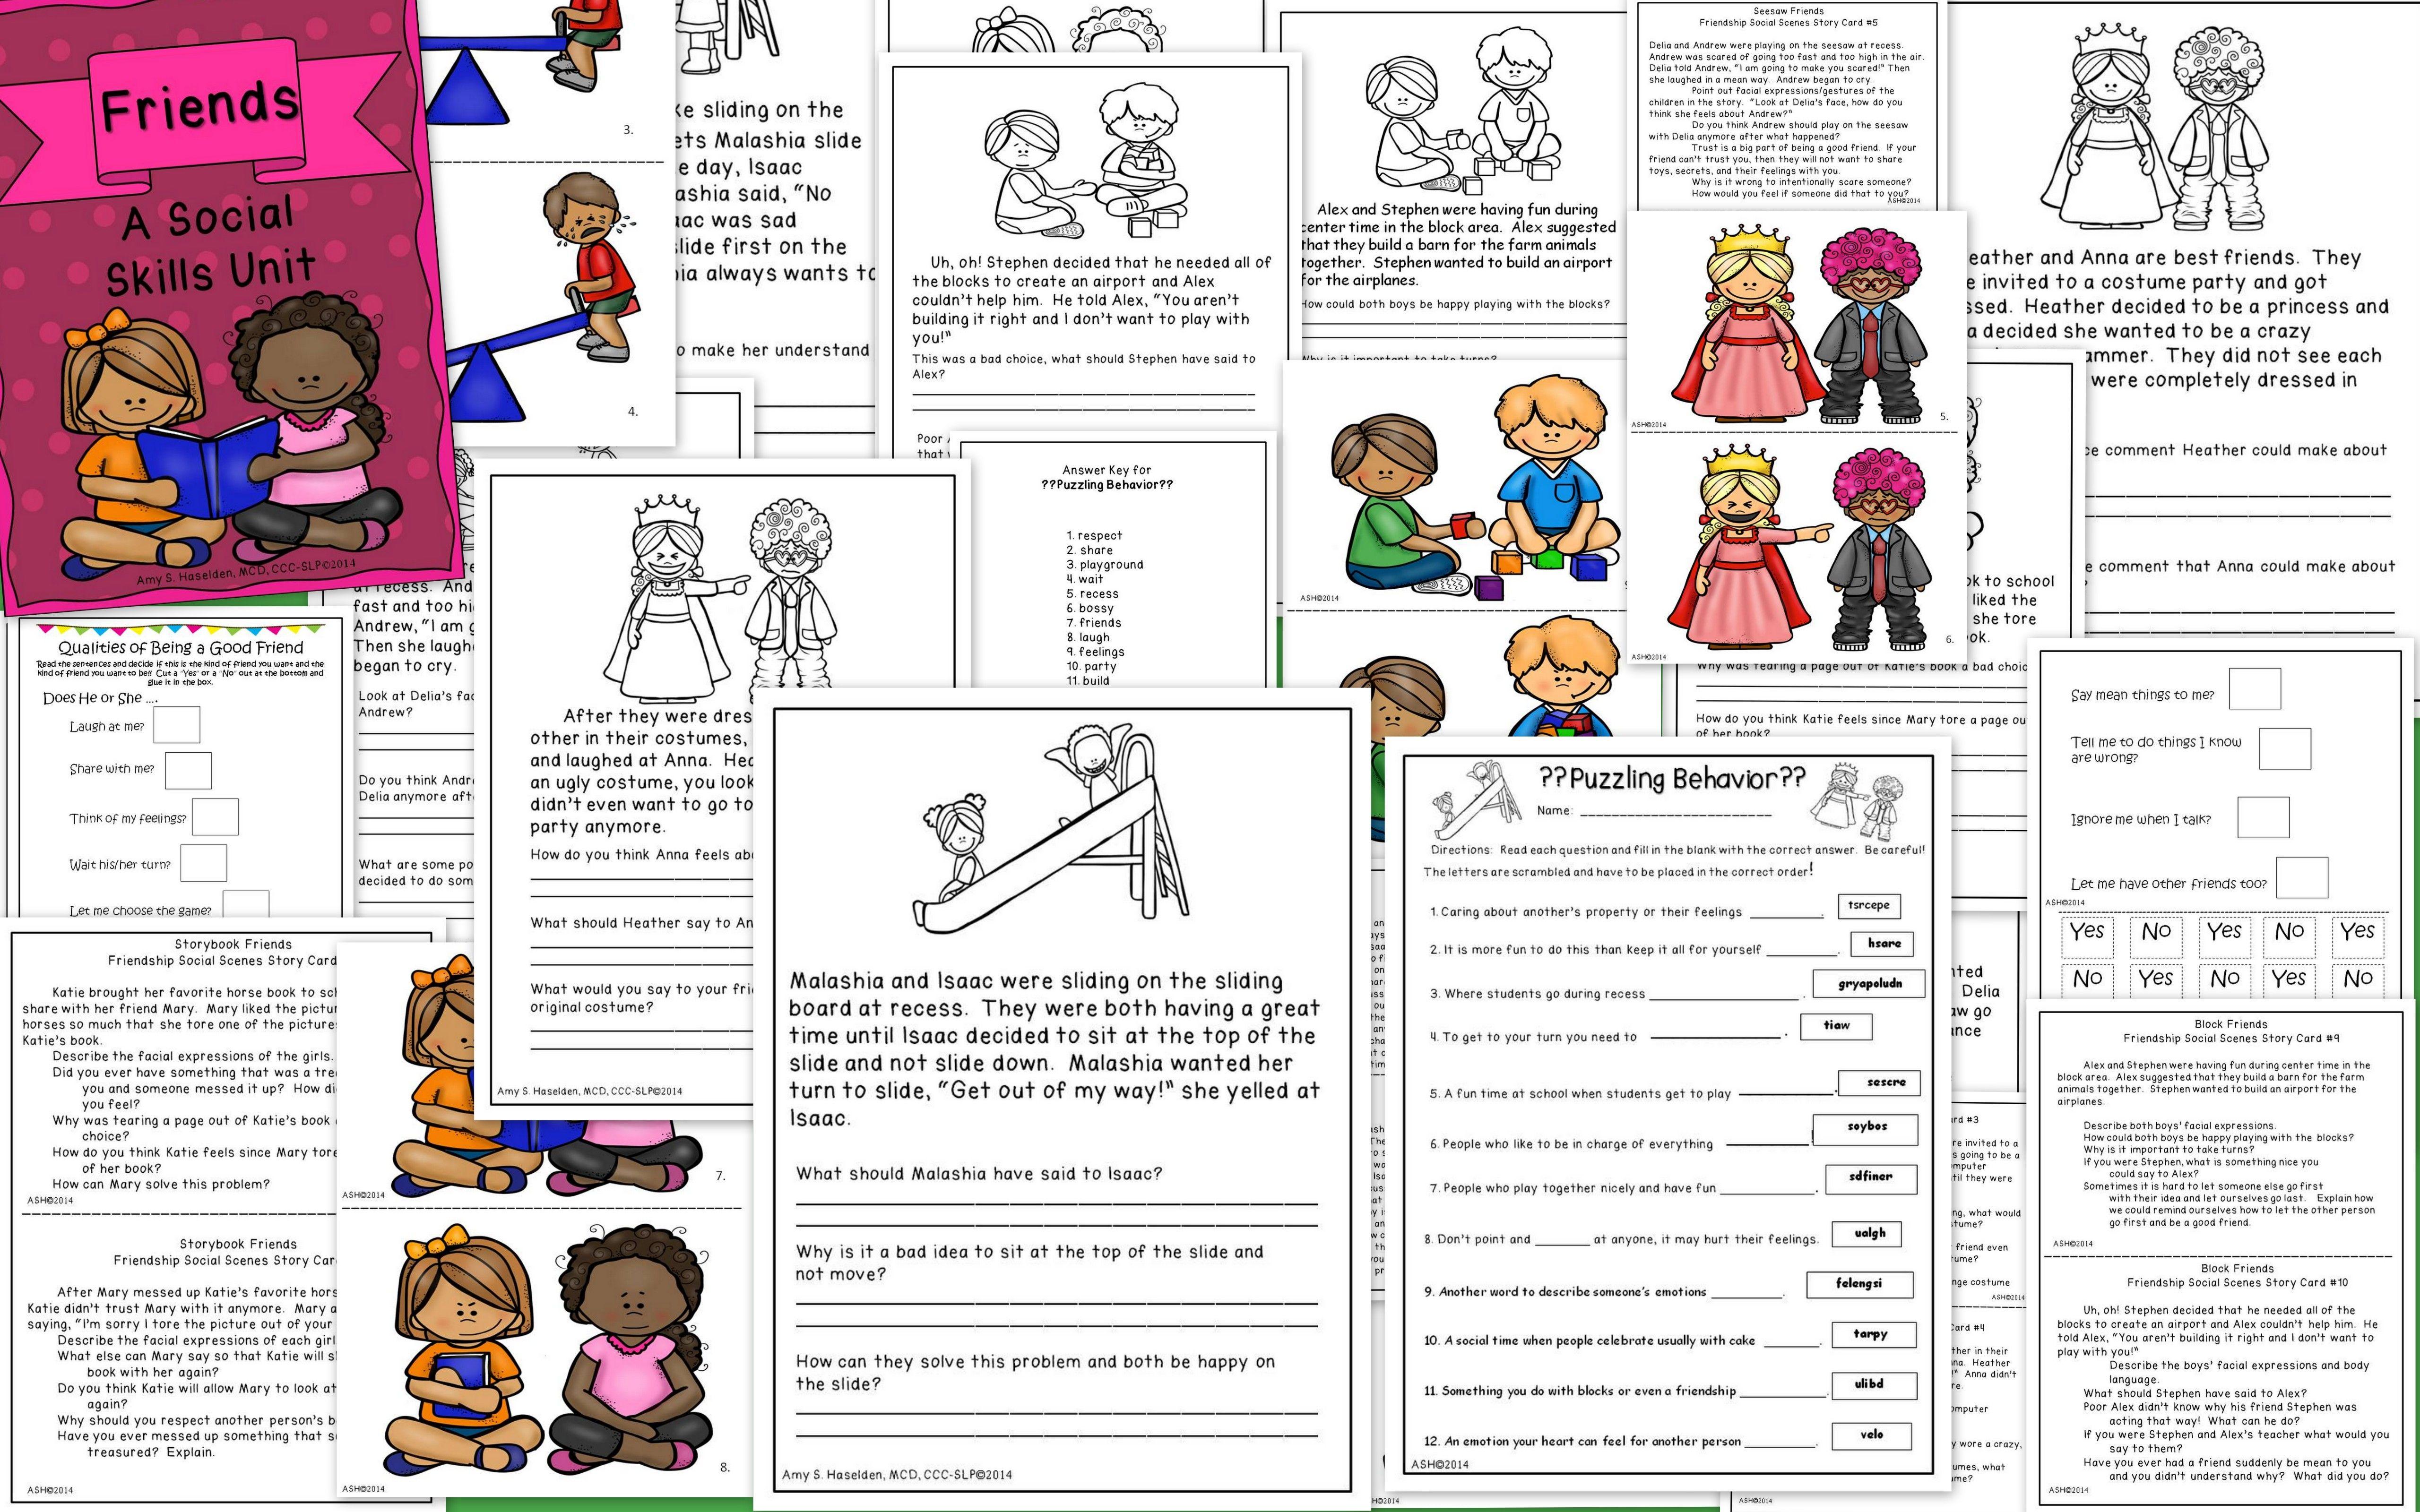 Social Skills Unit Friends Primary Social skills, Higher